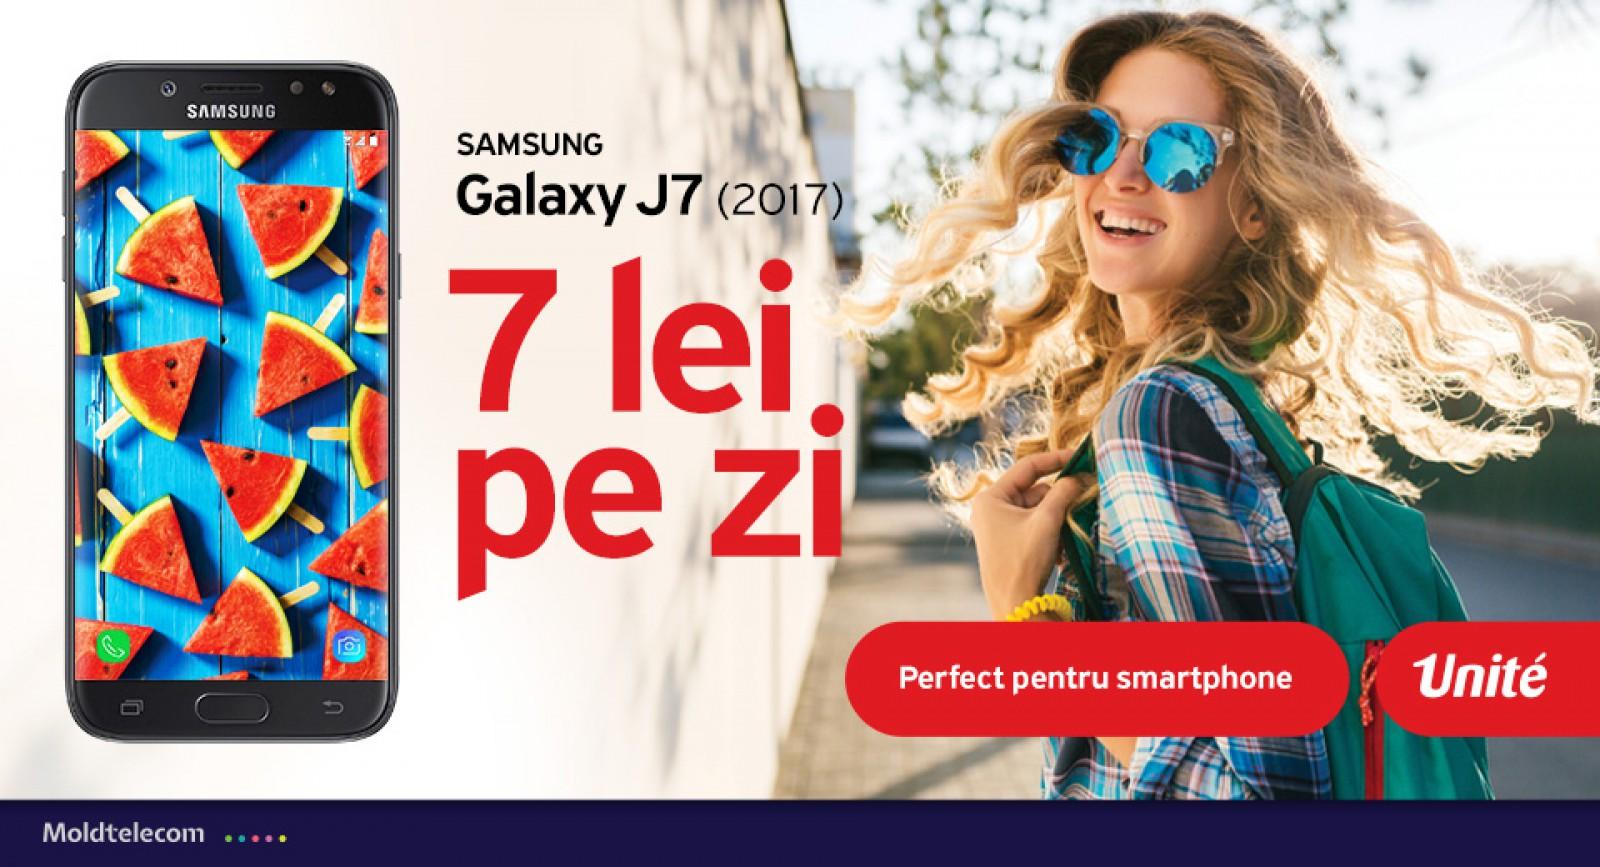 Alege abonamentele Unite şi fii în trend cu un nou Samsung Galaxy J7, la doar 7 lei pe zi